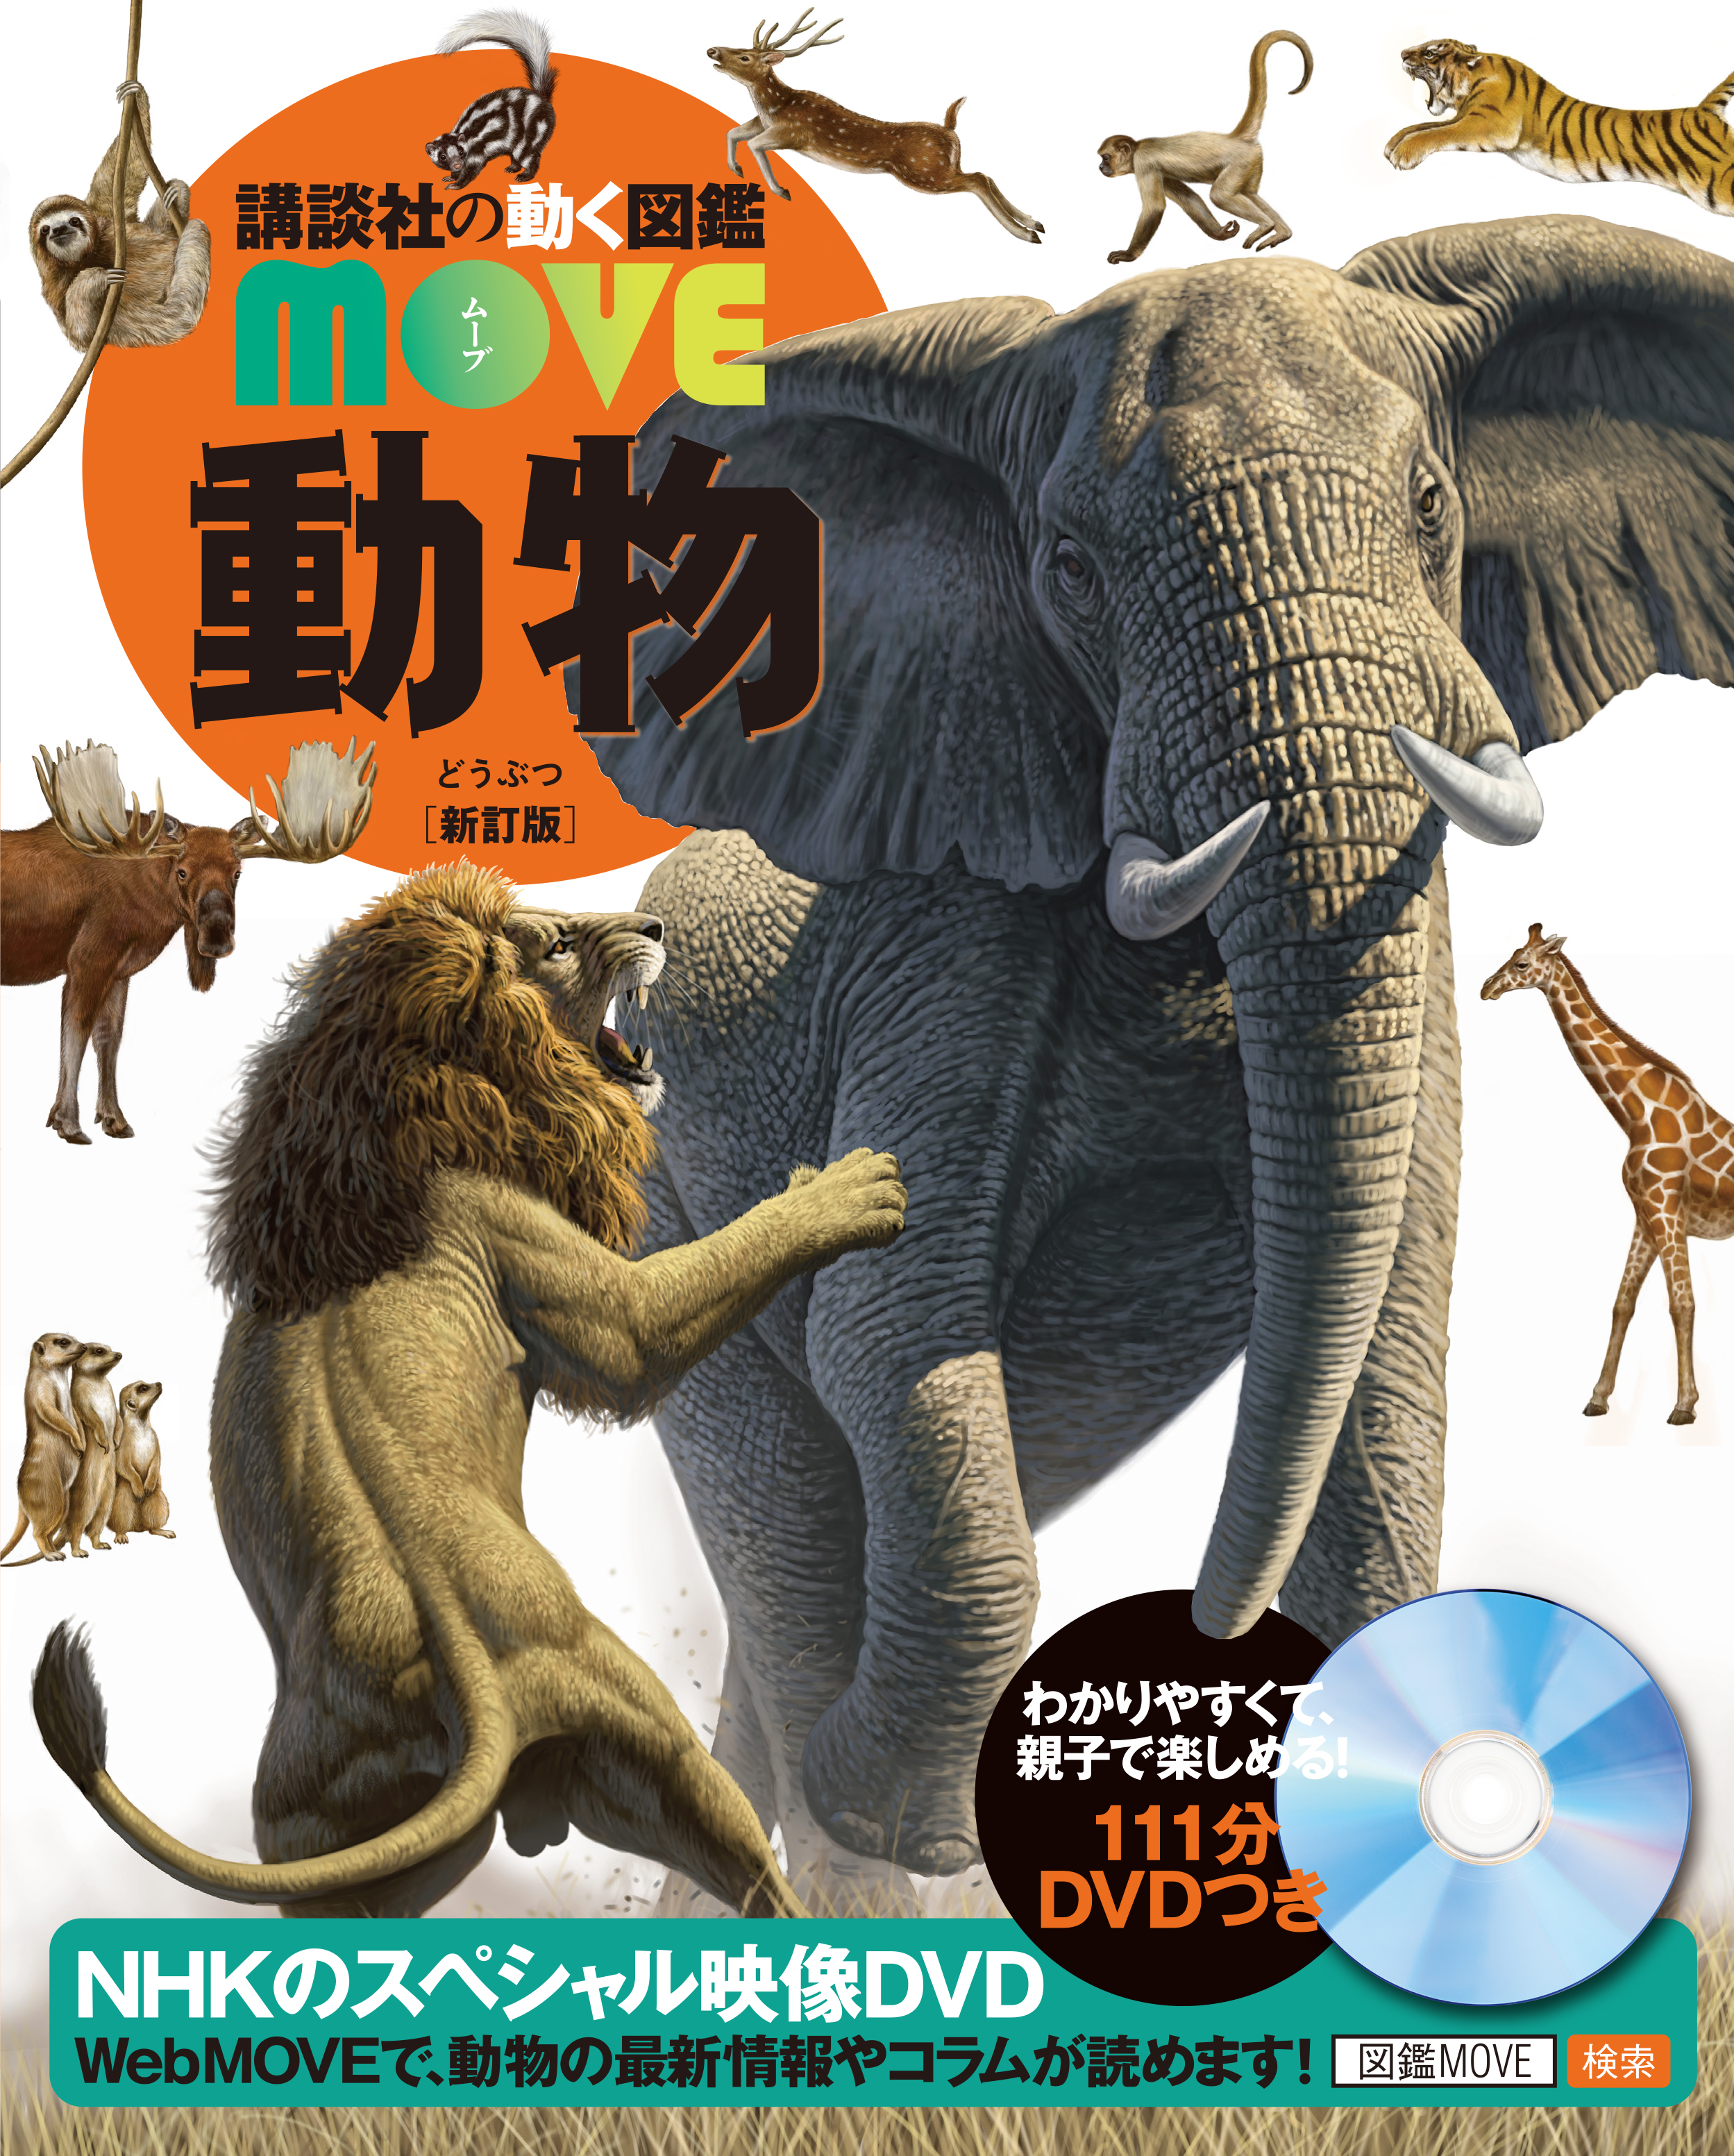 講談社の動く図鑑 move 動物 新訂版 | 講談社の動く図鑑 move nhkの